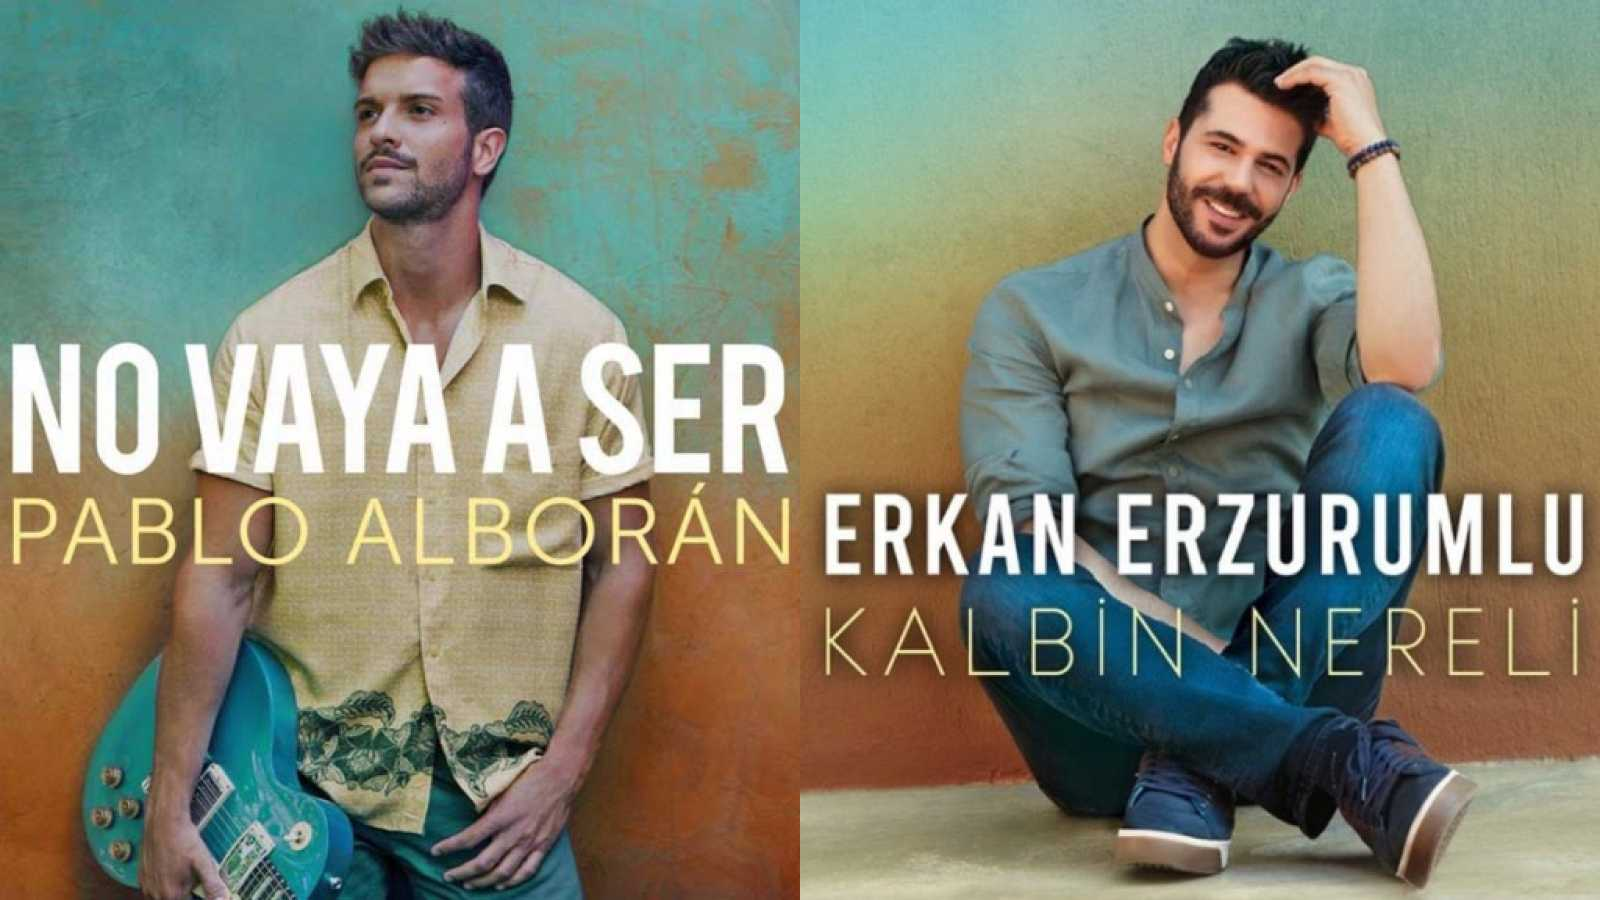 Así es Erkan Erzurumlu, el Pablo Alborán turco del que todo el mundo habla